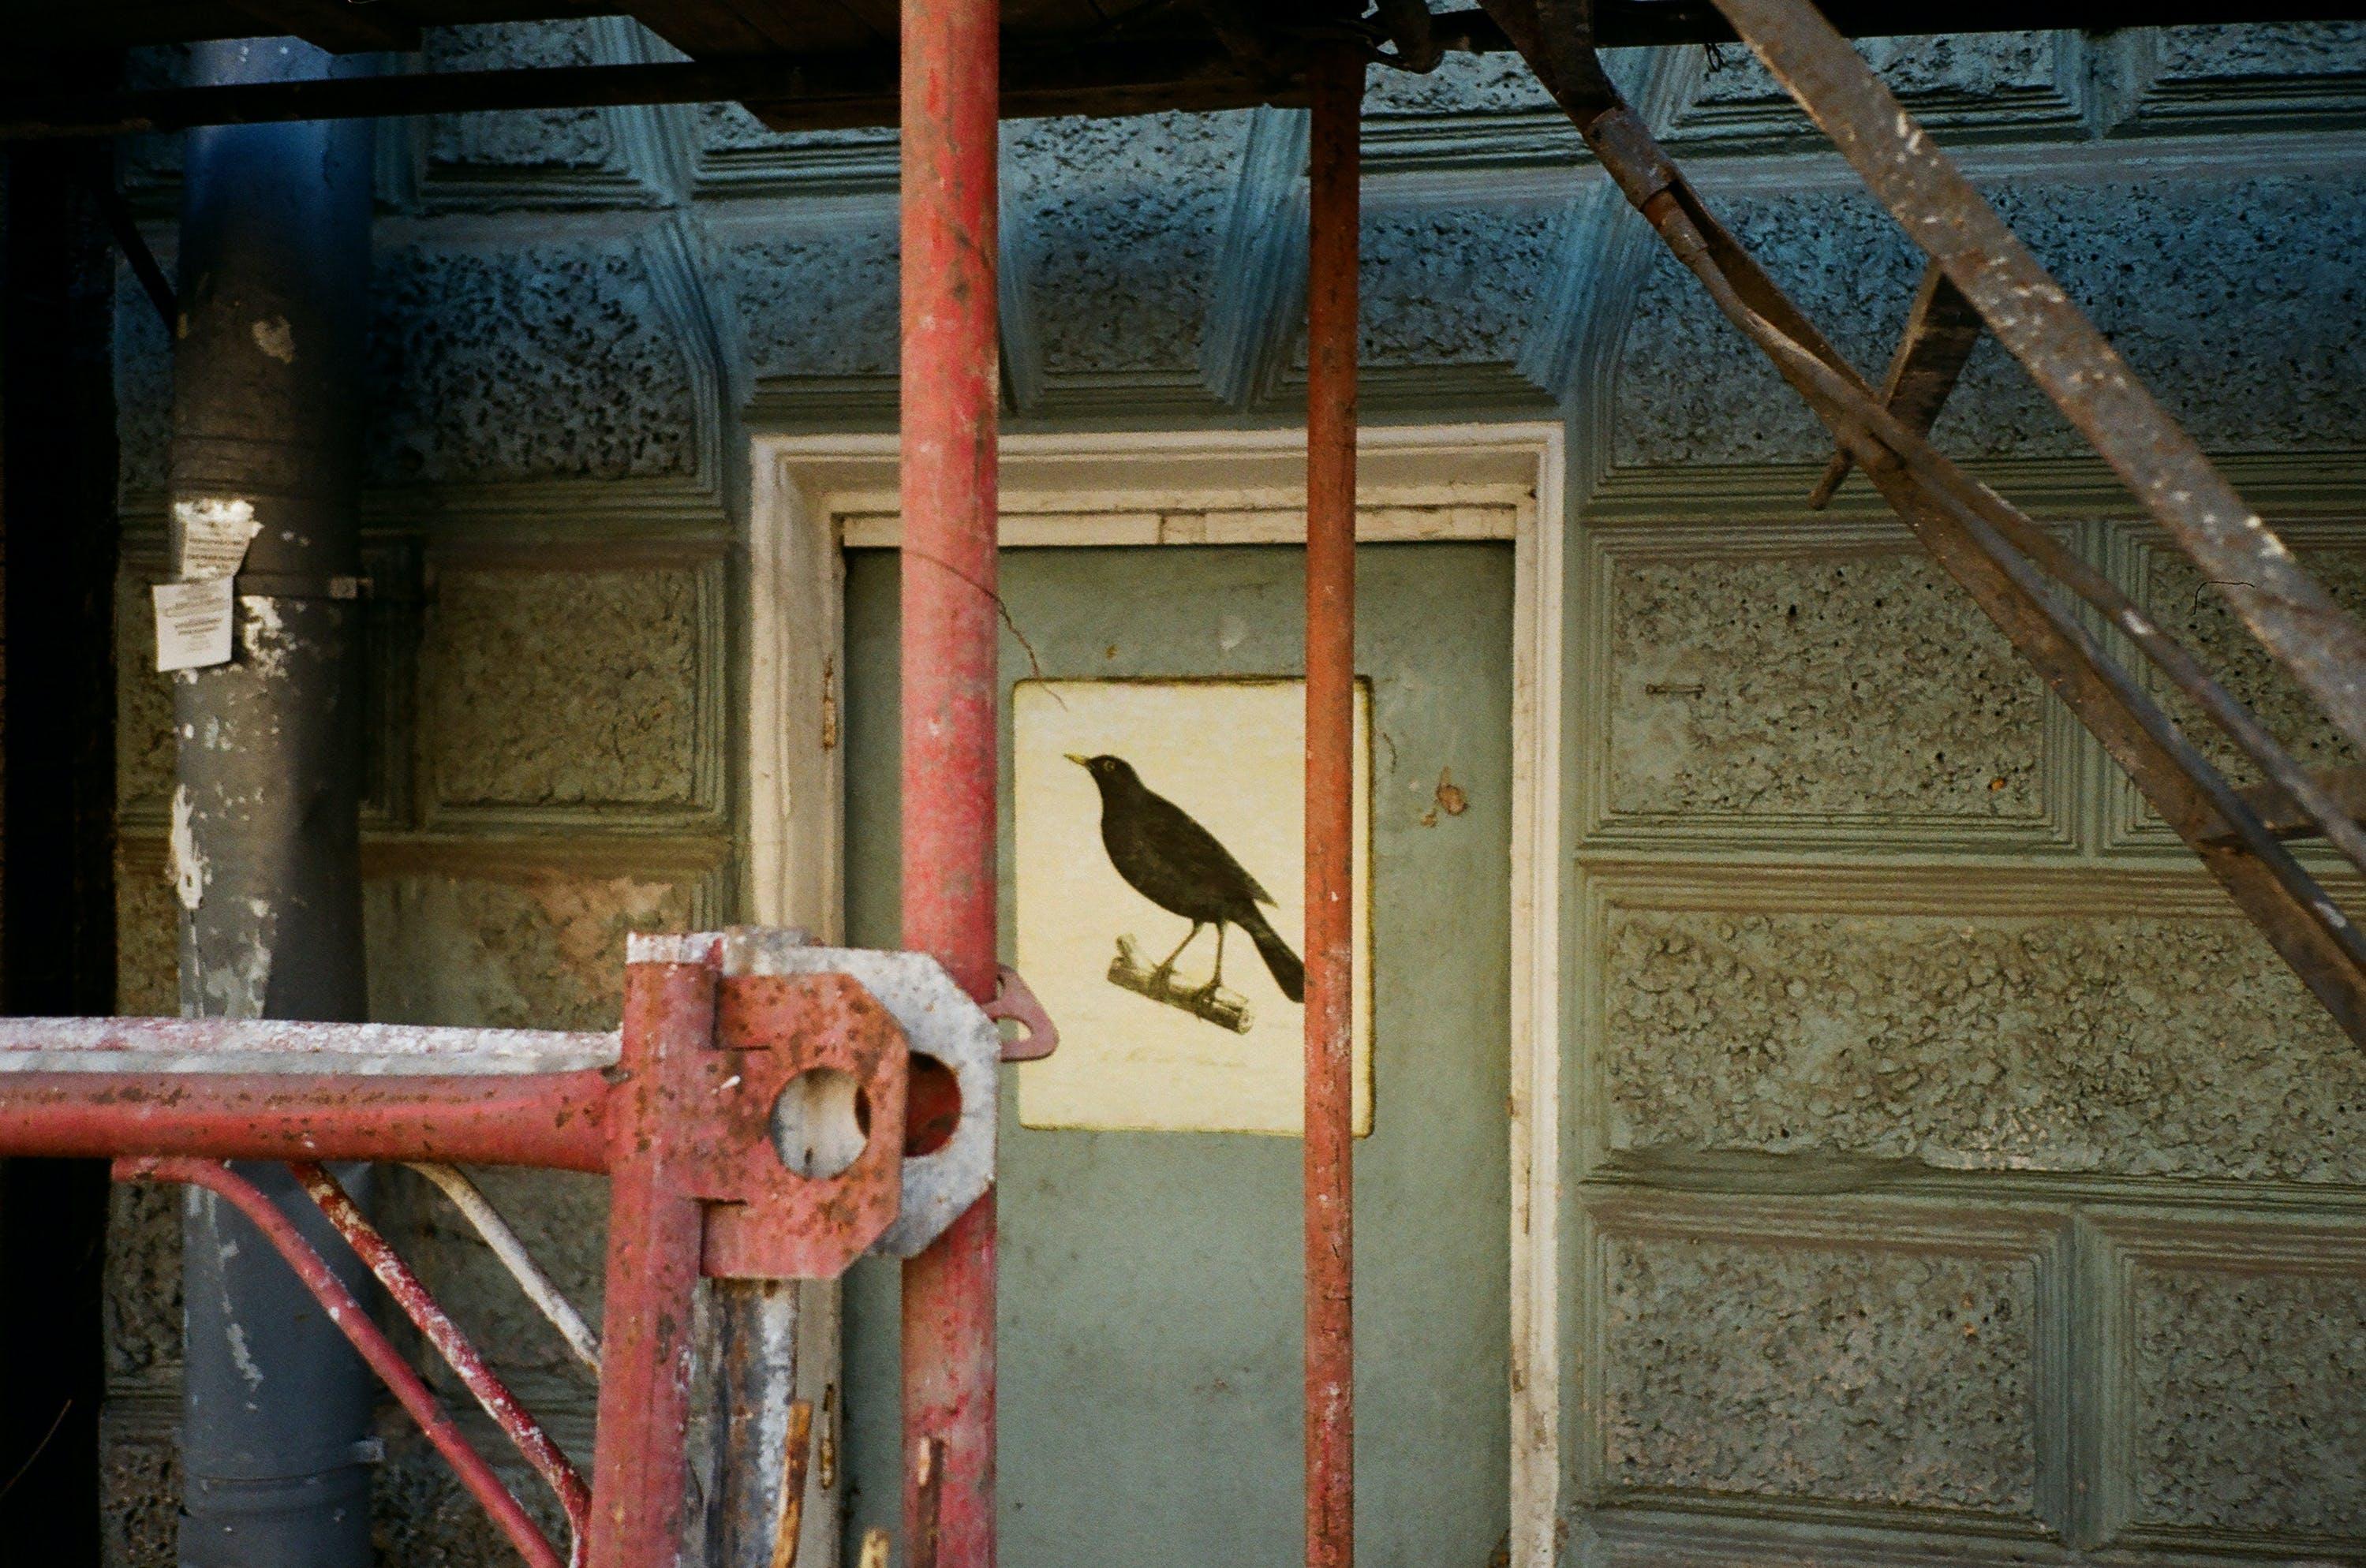 Brown Bird Painting on Door